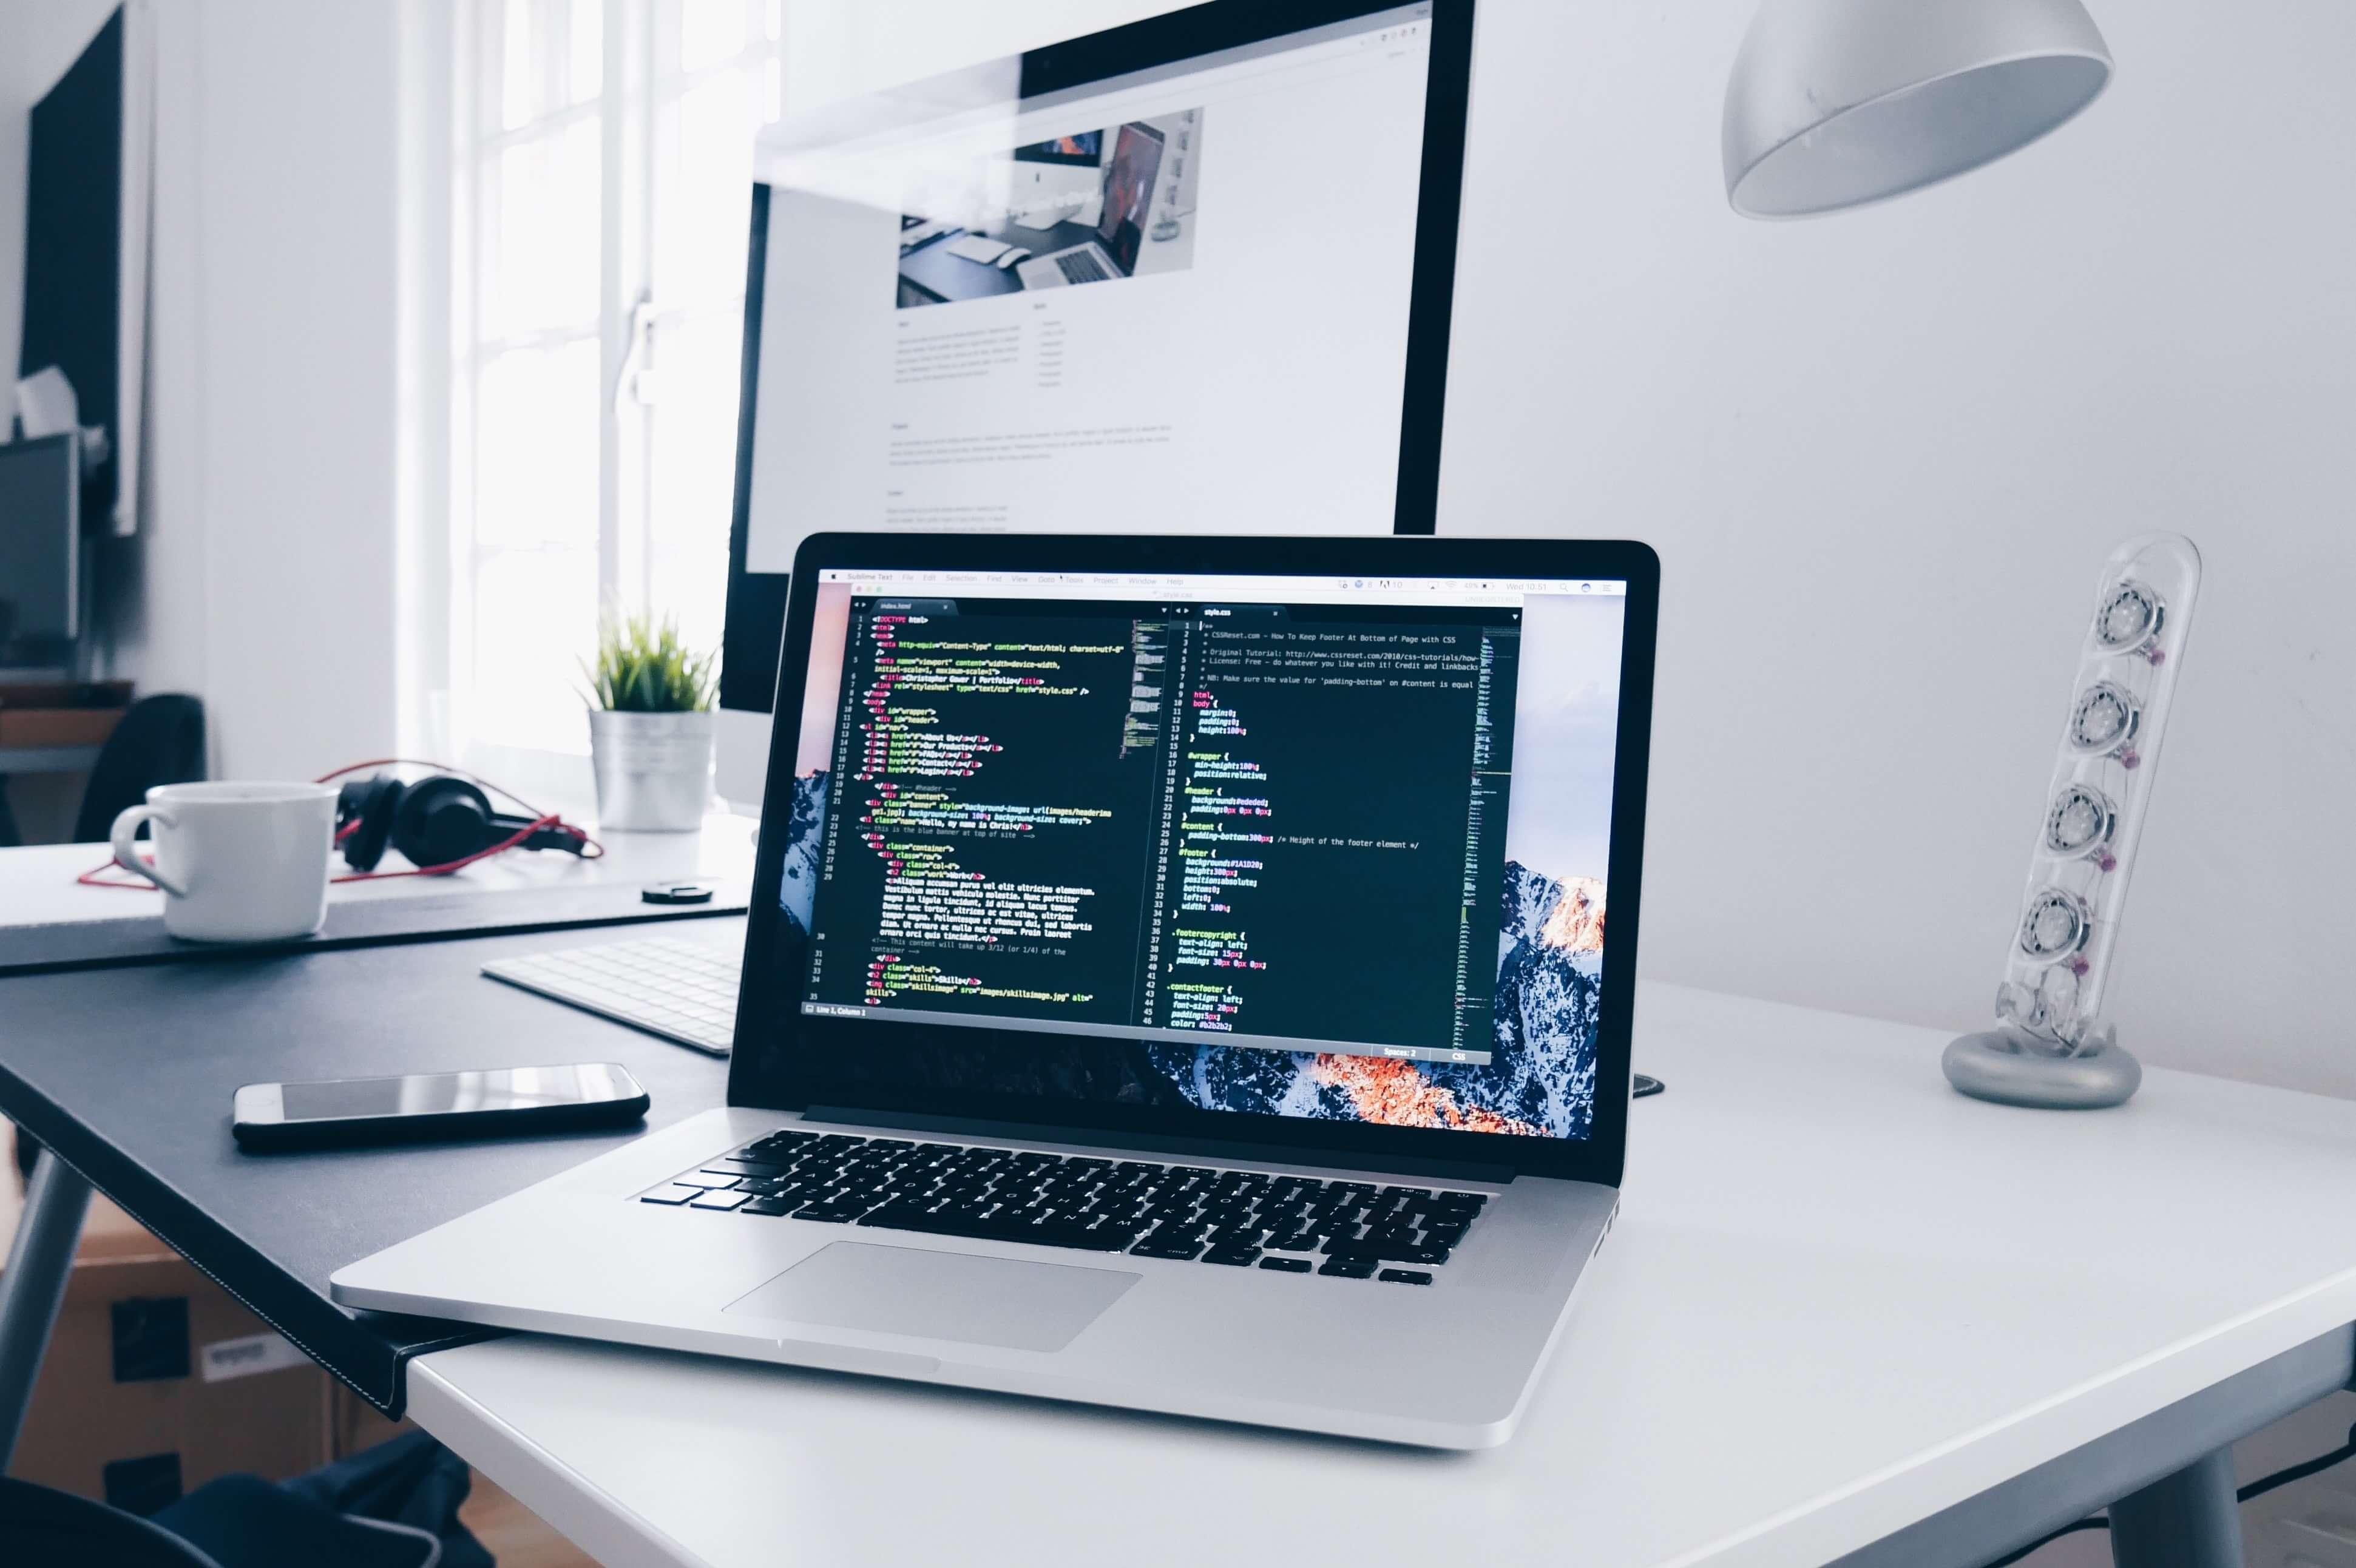 オファシムではホームページの制作から、継続的な運用までをサポートしています。